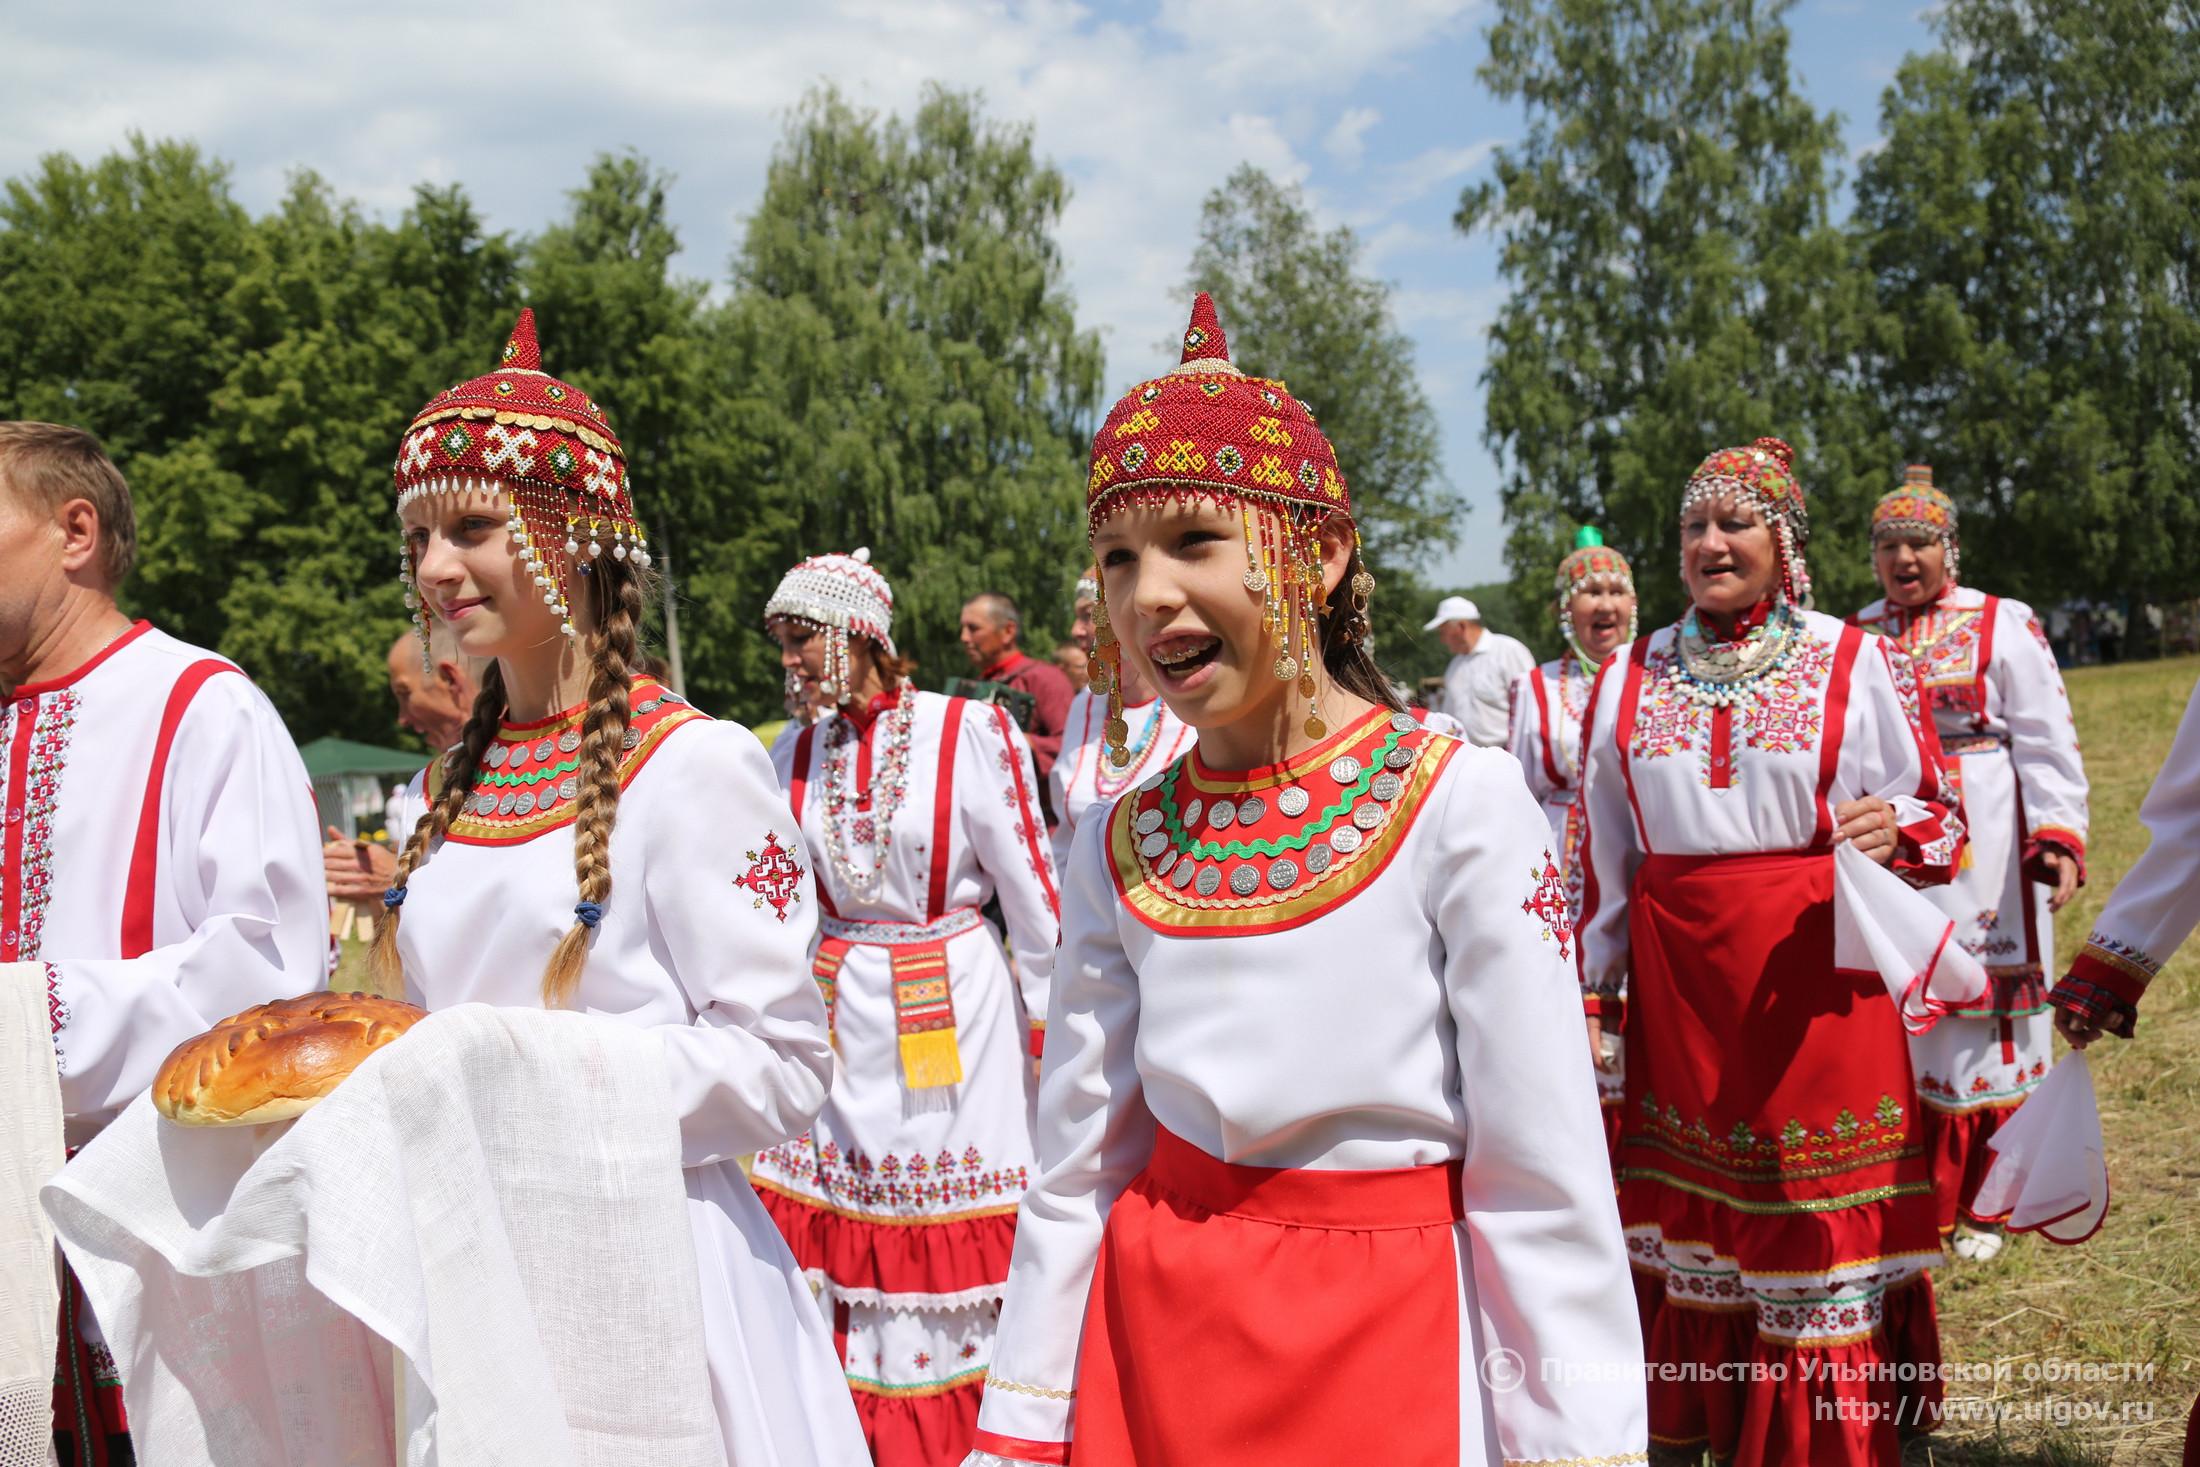 последнего национальные чувашские поздравления ингредиенты, входящие состав